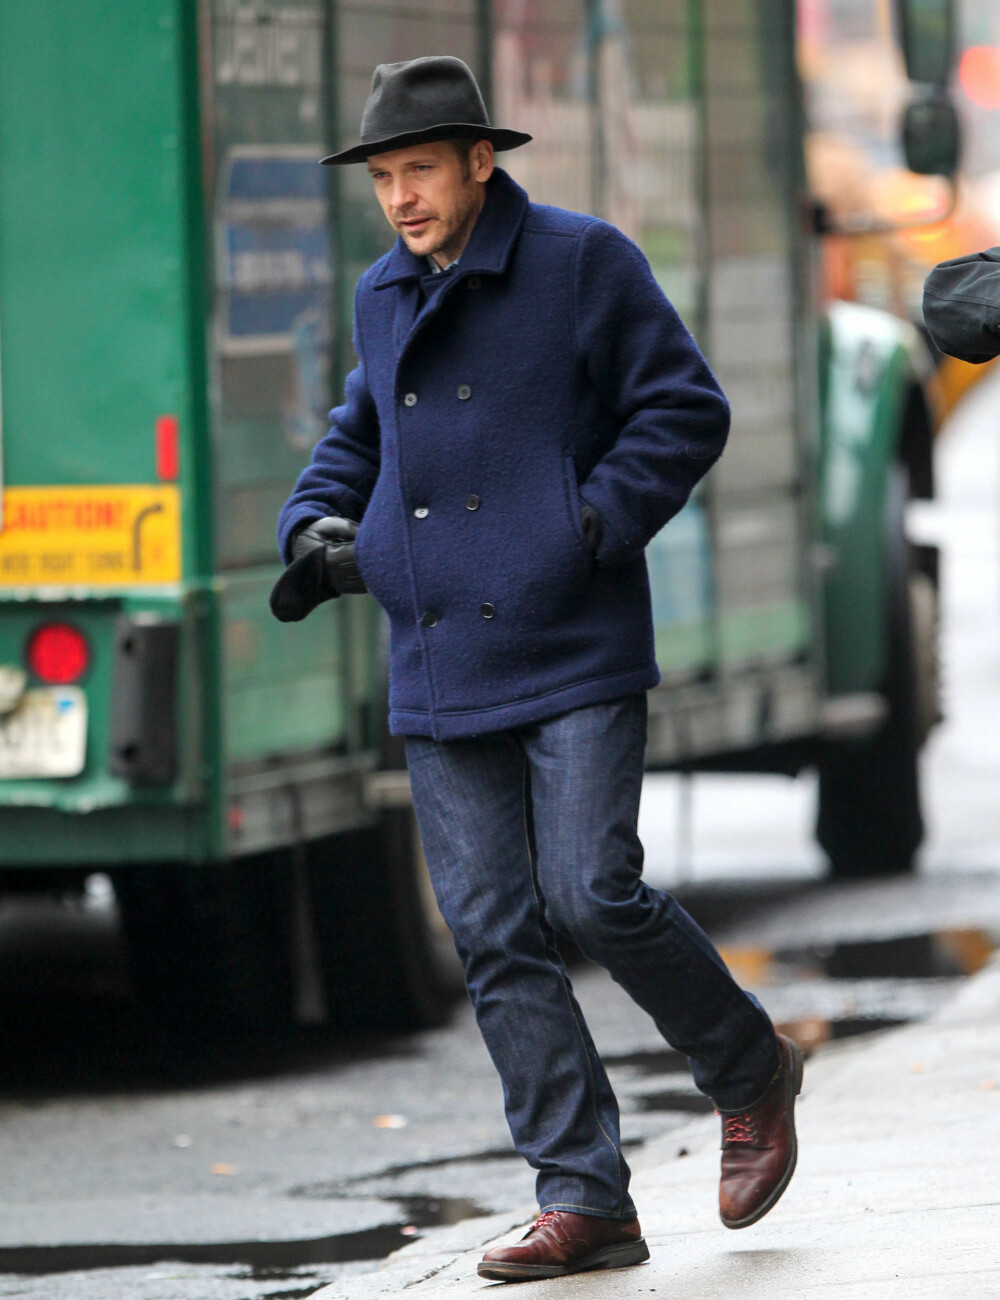 JOBB-JEANS: Jeans går til alt, også på jobb. Likevel fremstår noen typer mer formelle enn andre.